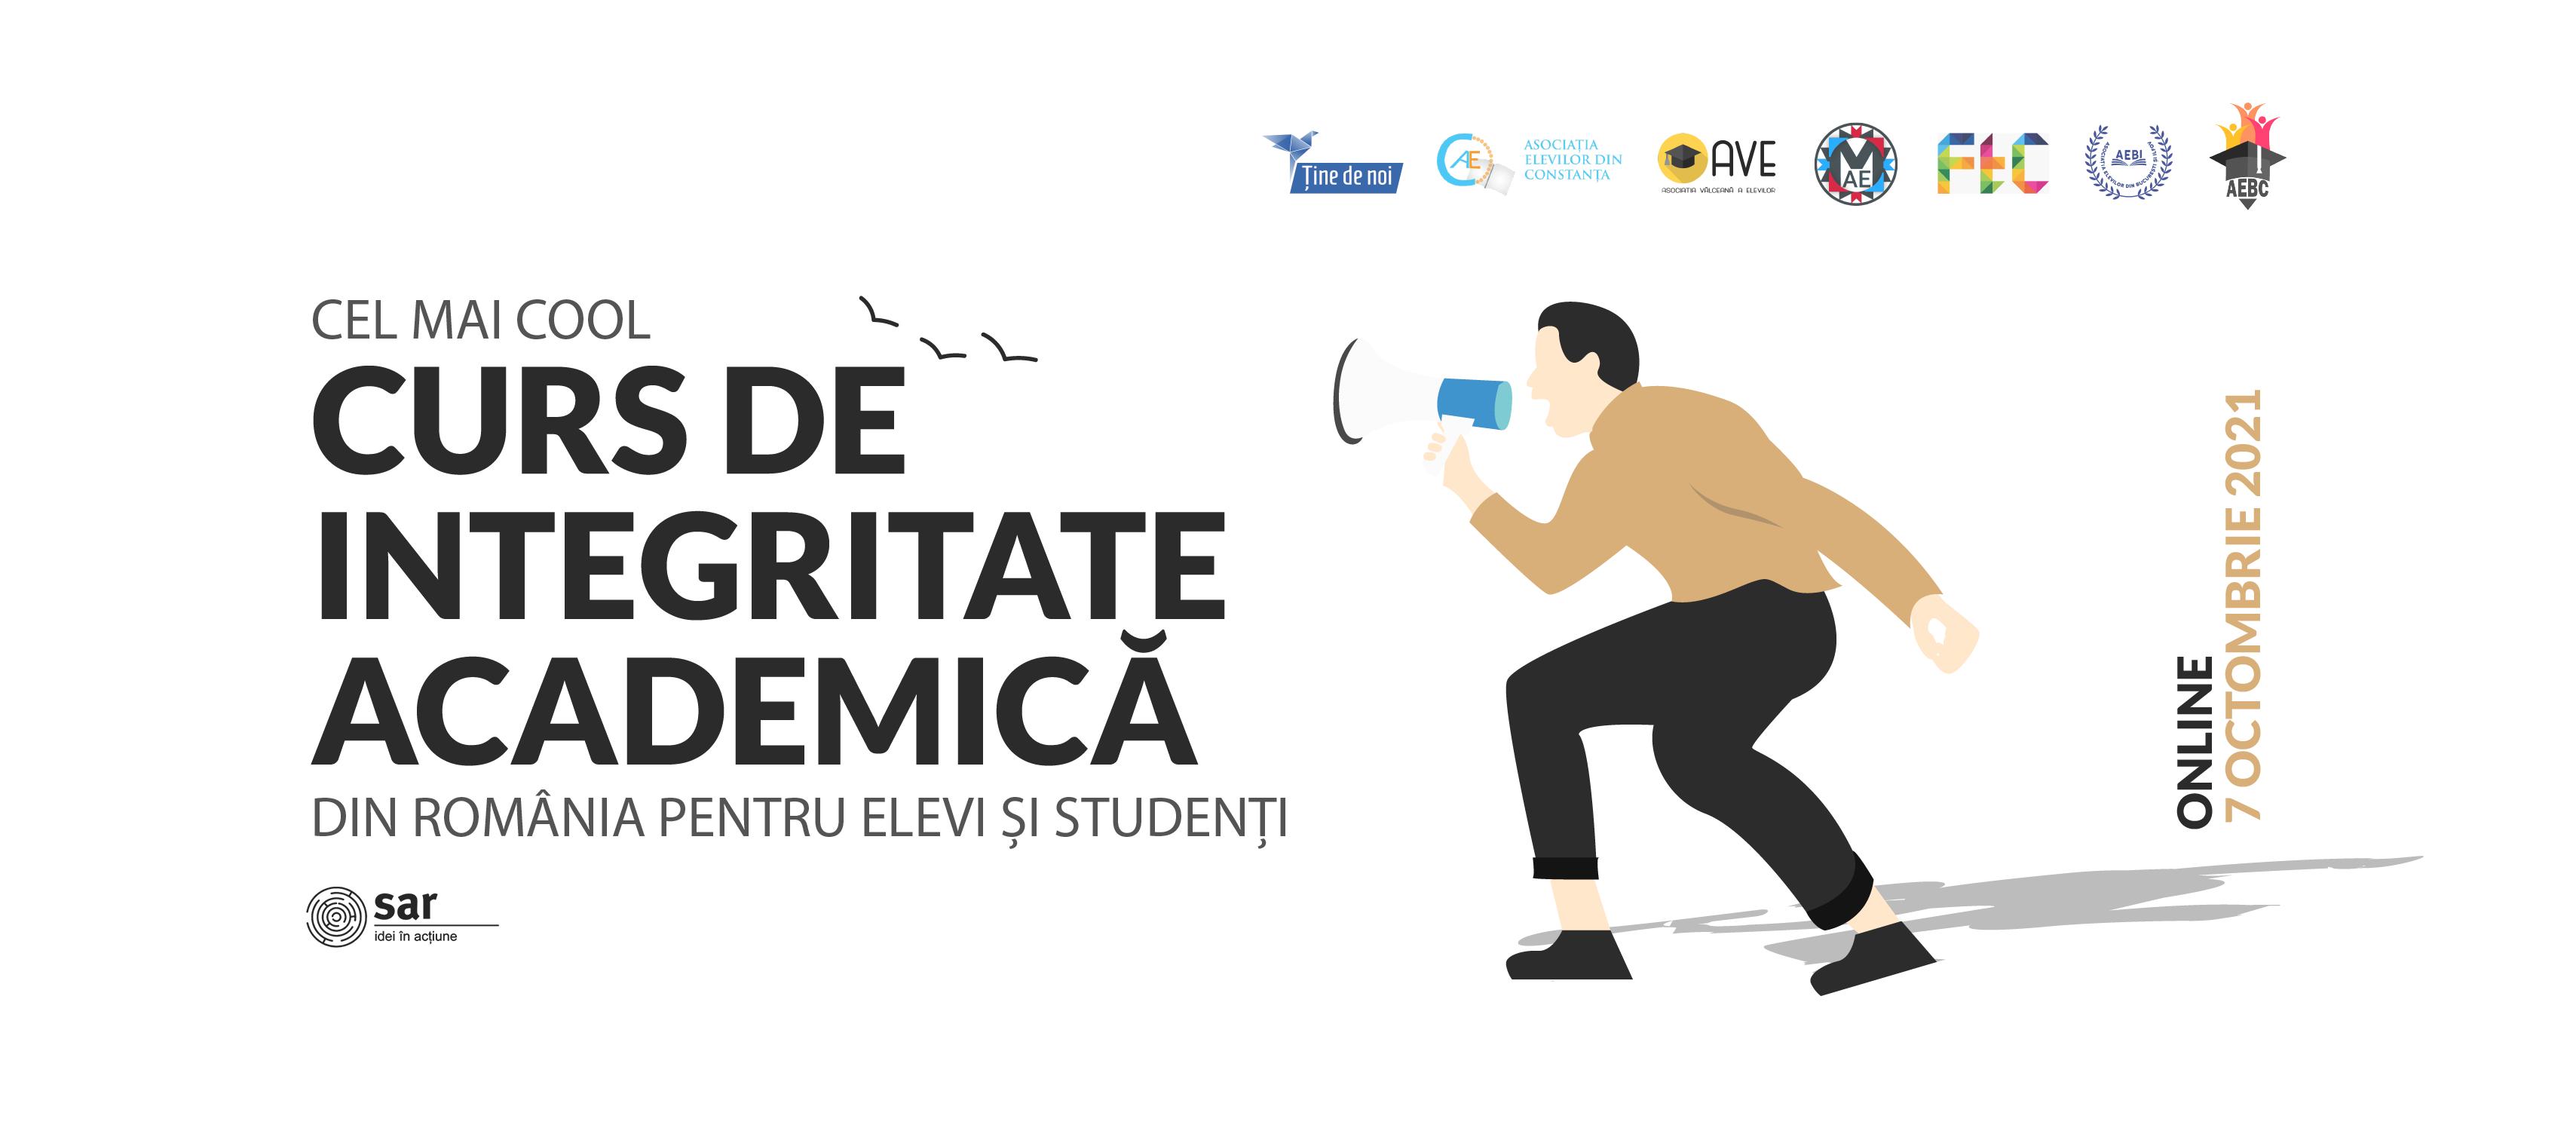 Înscrie-te la cel mai cool curs de integritate academică pentru elevii și studenții din România!